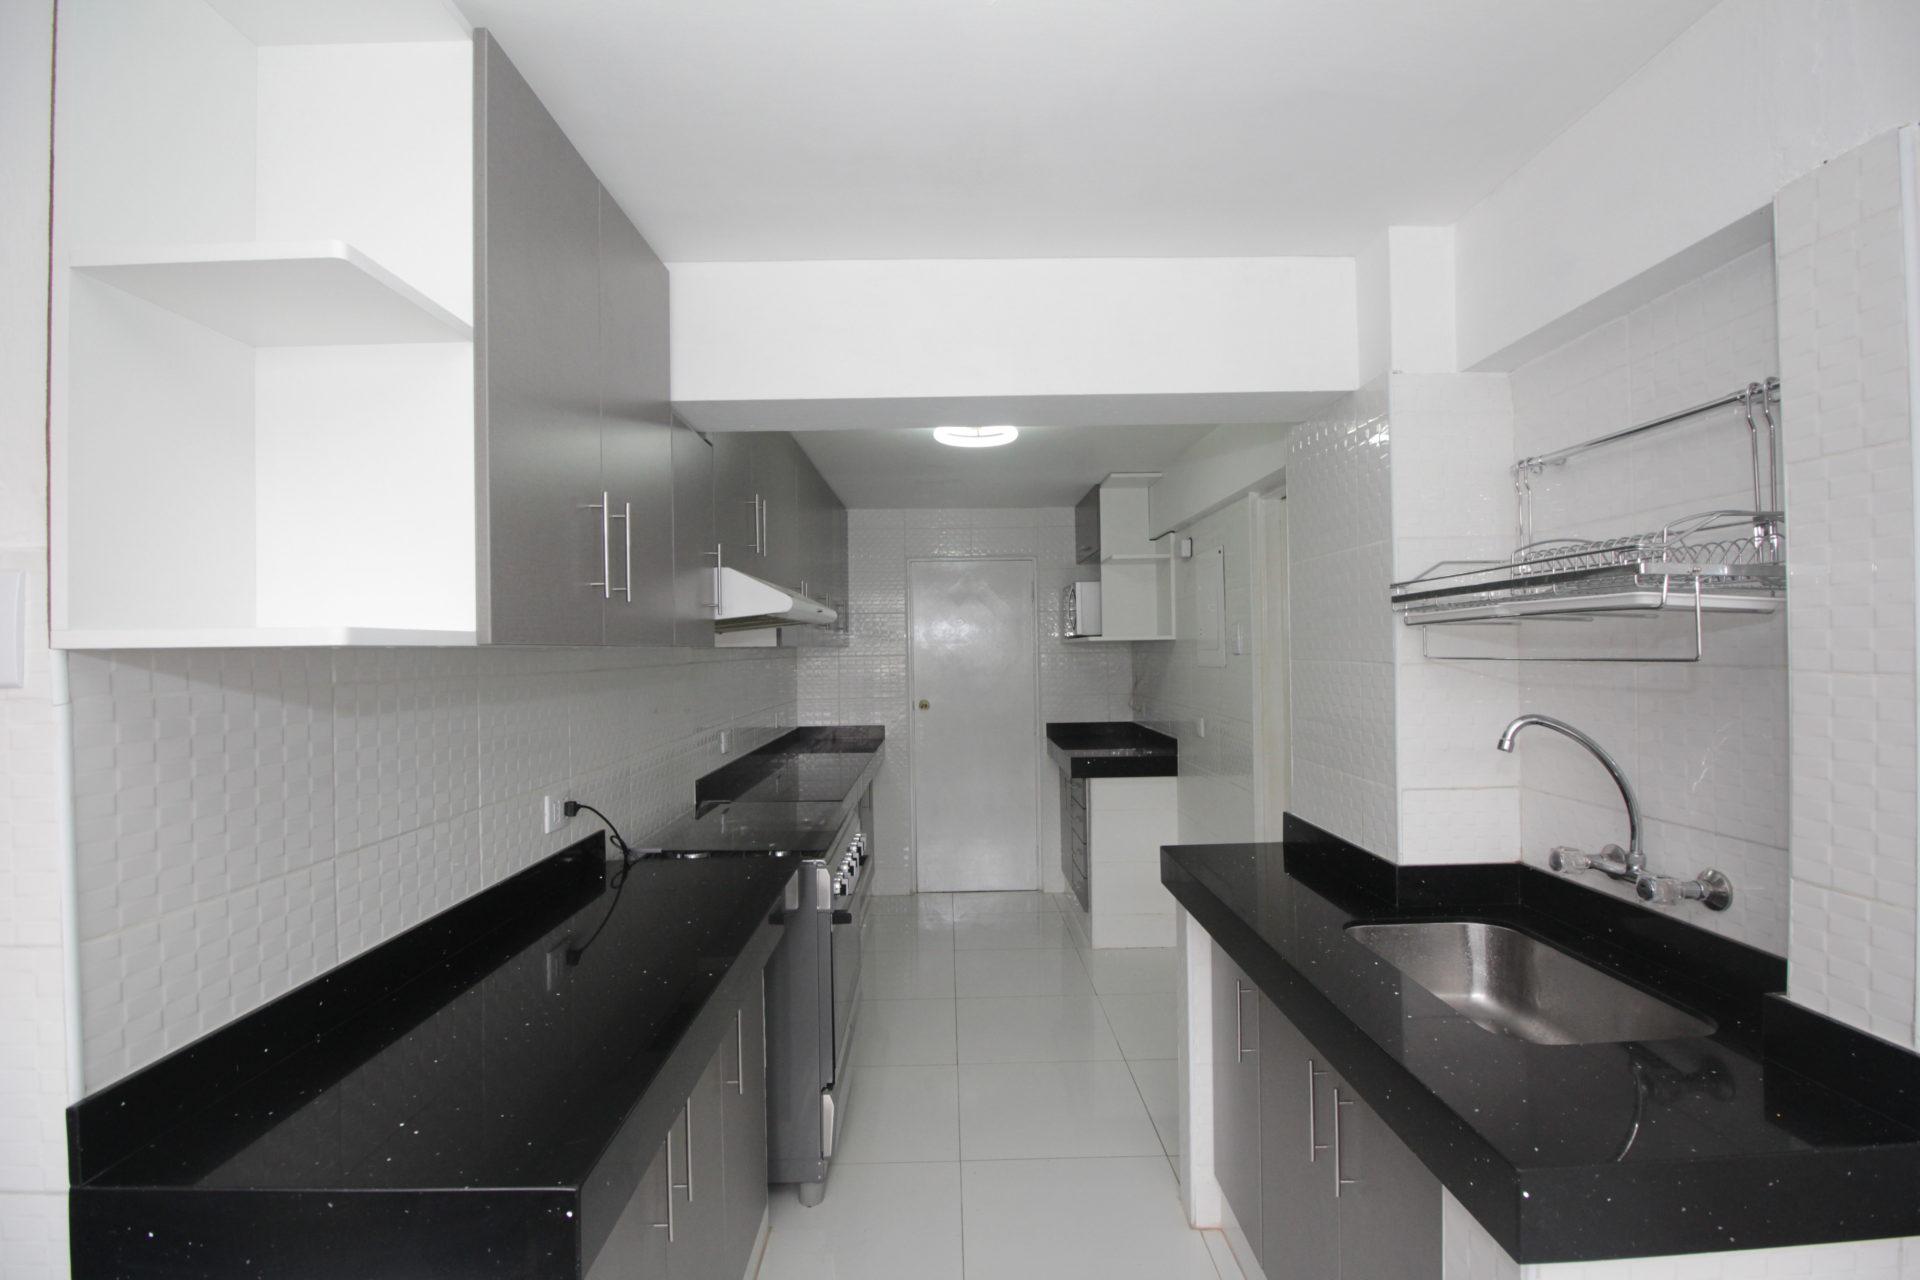 Quiero renovar mi cocina urvit servicios y for Quiero disenar mi cocina